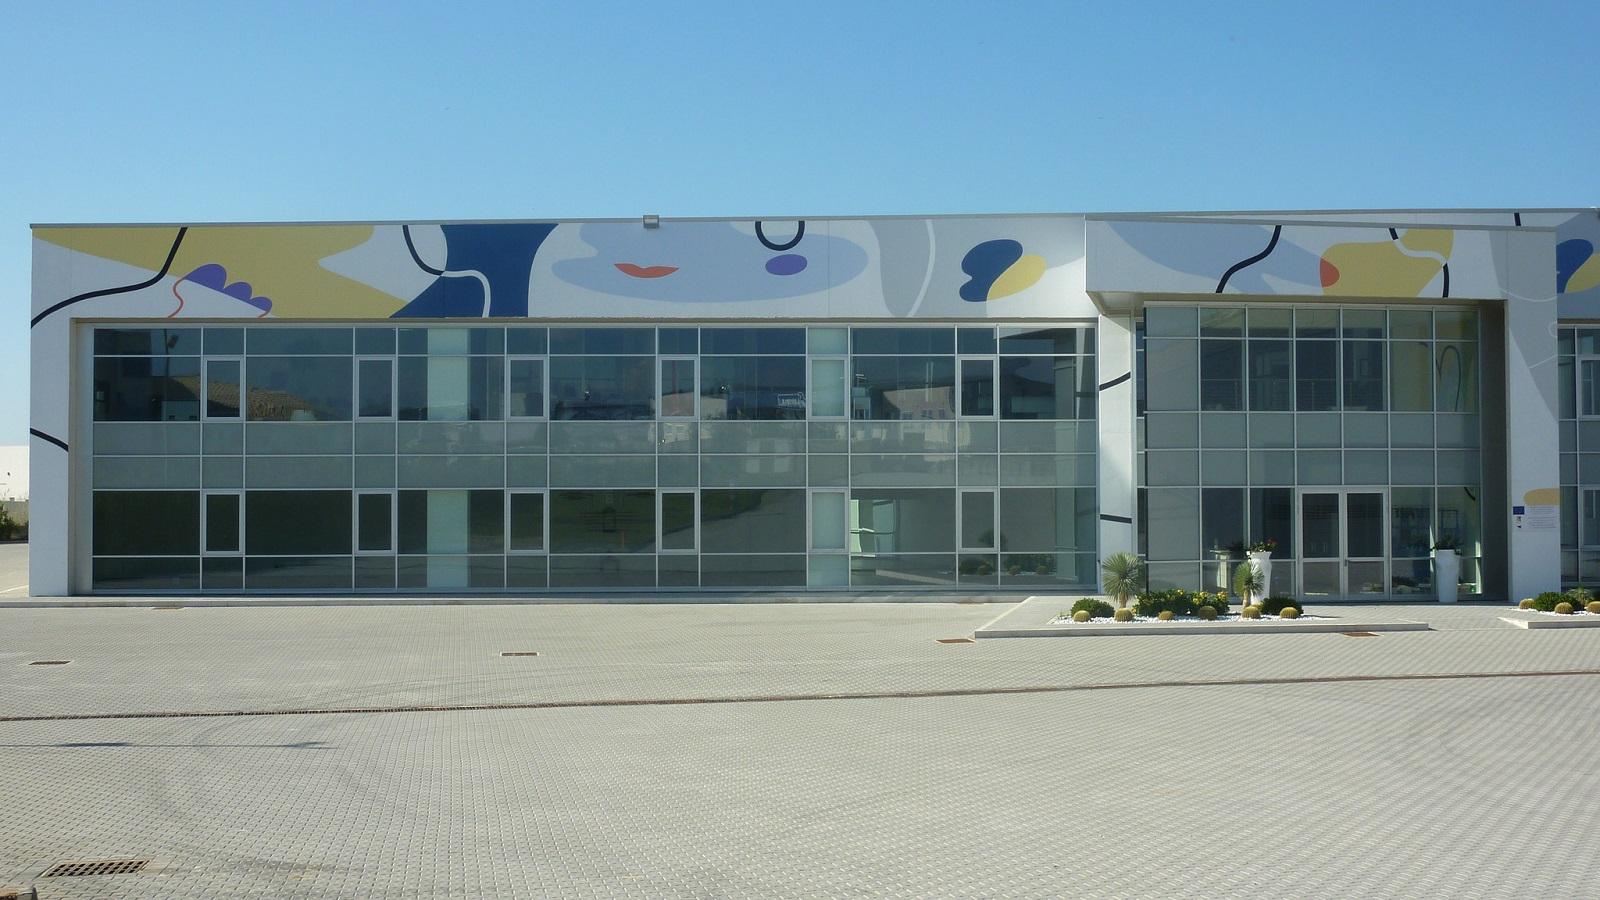 gue-new-murals-in-castrofilippo-and-modica-08